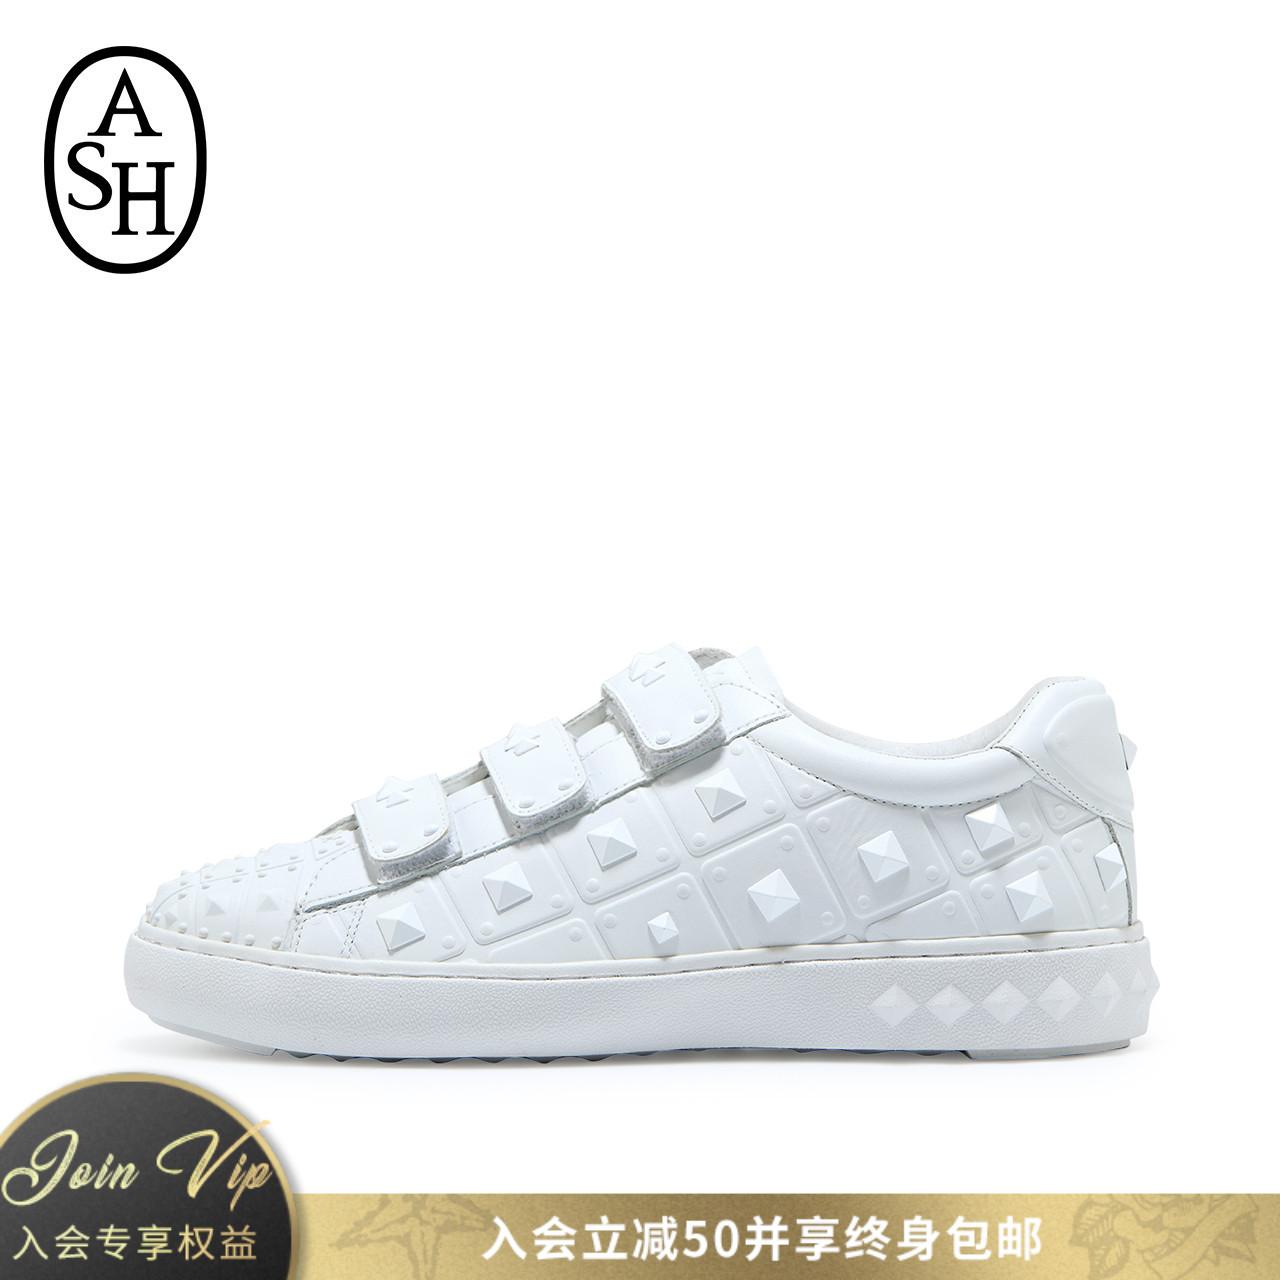 ASH女鞋早秋新款PEACE铆钉魔术贴休闲低帮单鞋滑板鞋小白鞋女